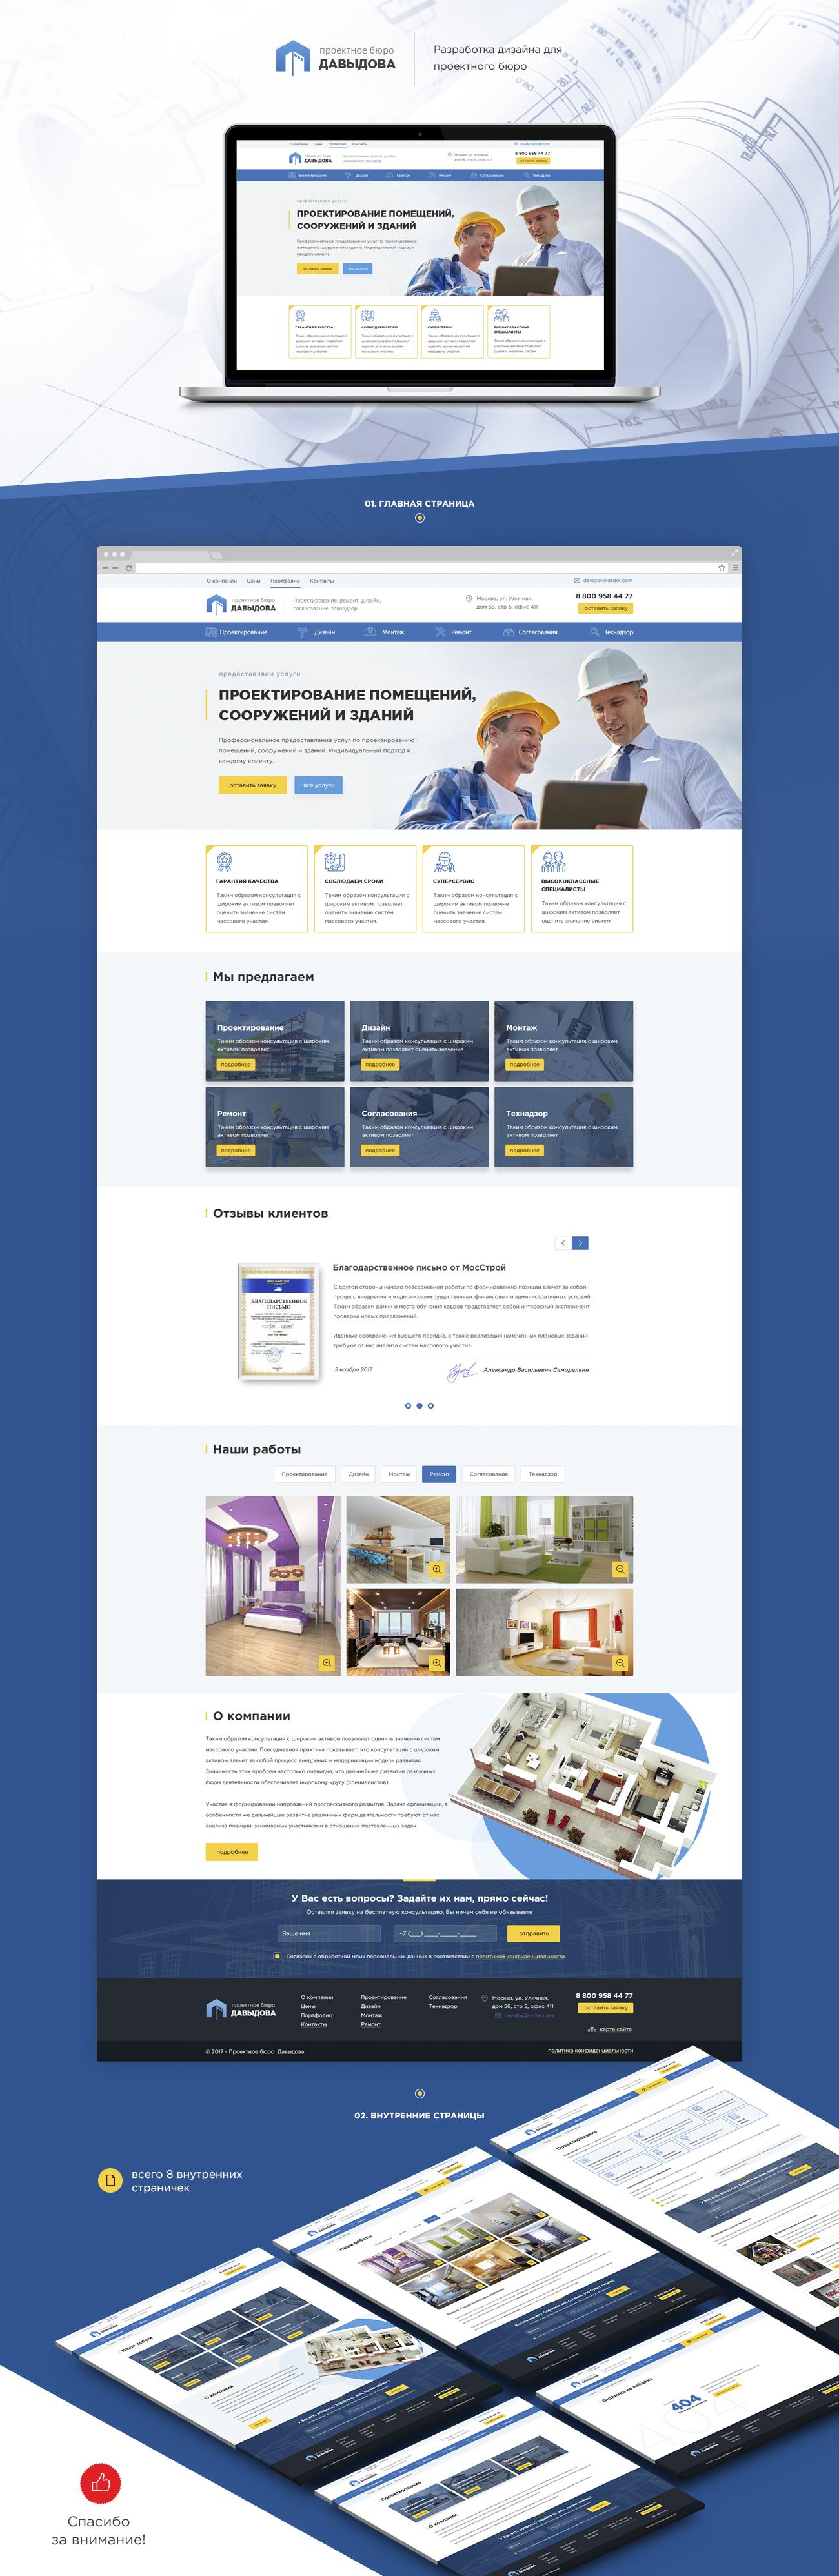 Разработка дизайна сайта-визитки для проектного бюро